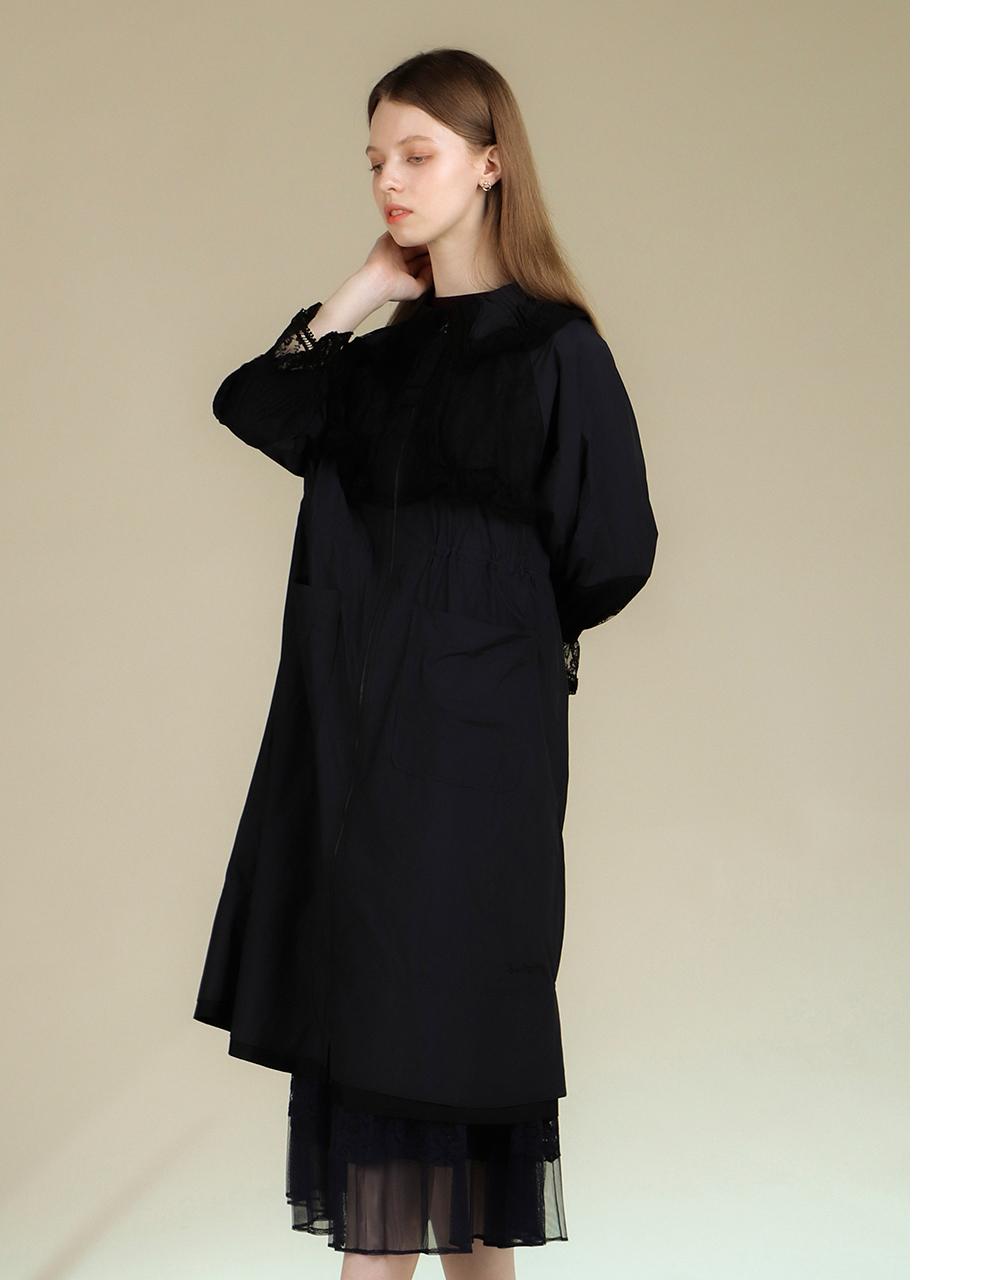 코트 모델 착용 이미지-S2L14